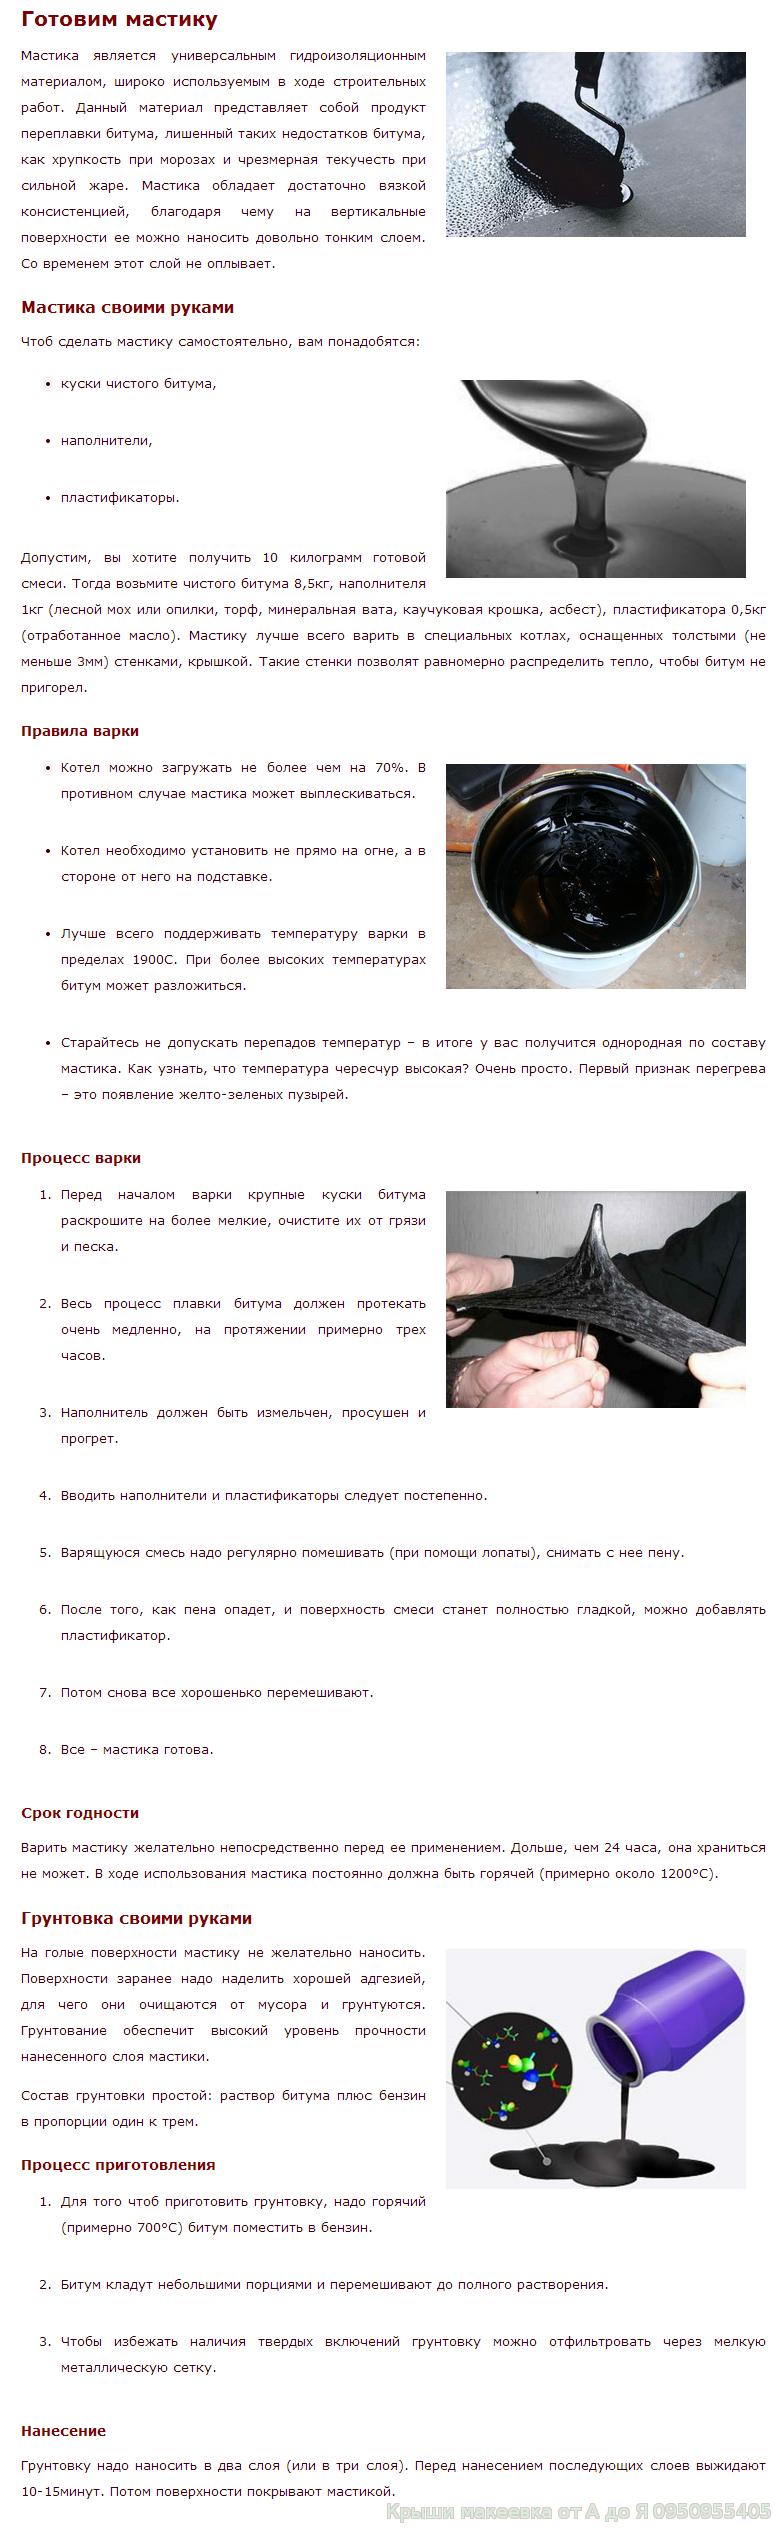 Как приготовить битумную мастику своими руками 843